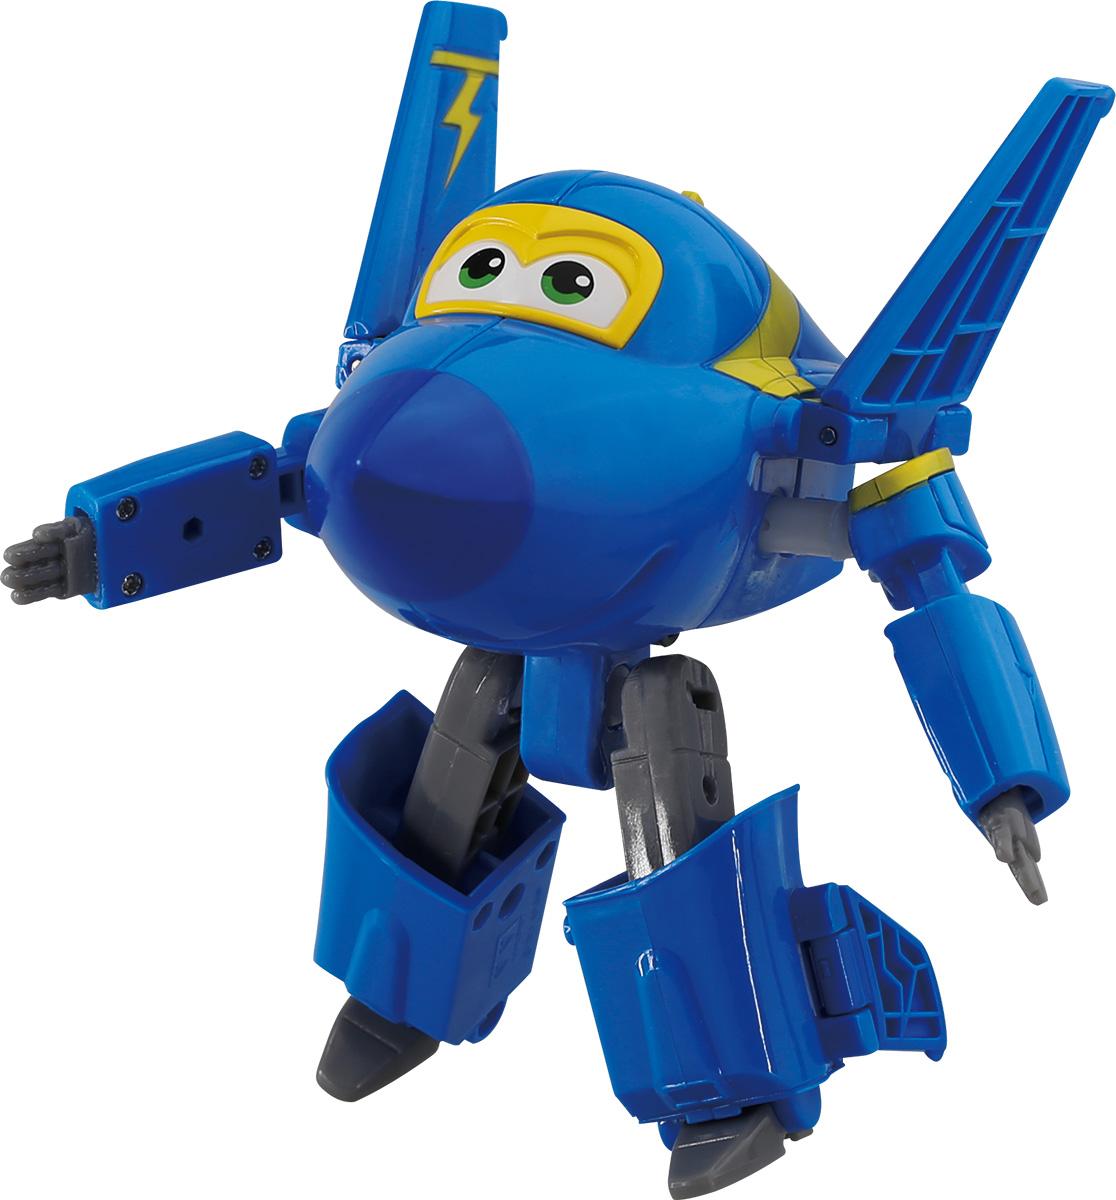 Super Wings Трансформер Джером YW710230YW710230Суперкрылья (Super Wings) - дружная команда самолетов из многосерийного обучающего мультфильма. Для детей они - настоящие друзья, которые придут на помощь, когда бы они ни понадобились! Джетт, Донни, Диззи, Джером и Альберт доставляют ценные посылки мальчикам и девочкам в любую точку земного шара. Отважные герои учат ребят находить решения для непростых задач: от лепки китайских пельменей до спасения людей от извержения гавайского вулкана. Если вы хотите познакомить ребенка с географией, культурой, традициями и языками разных стран, то герои Super Wings - ваши лучшие помощники. Трансформер Super Wings Джером полностью повторяет персонажа популярного мультсериала. Ребенок сможет всего за 10 шагов превратить самолет в робота и обратно. Шасси свободно вращаются, крылья истребителя трансформируются в руки, а ноги робота легко выдвигаются из хвостовой части и убираются обратно. Игрушка развивает любознательность, пространственное мышление, логику и мелкую моторику.